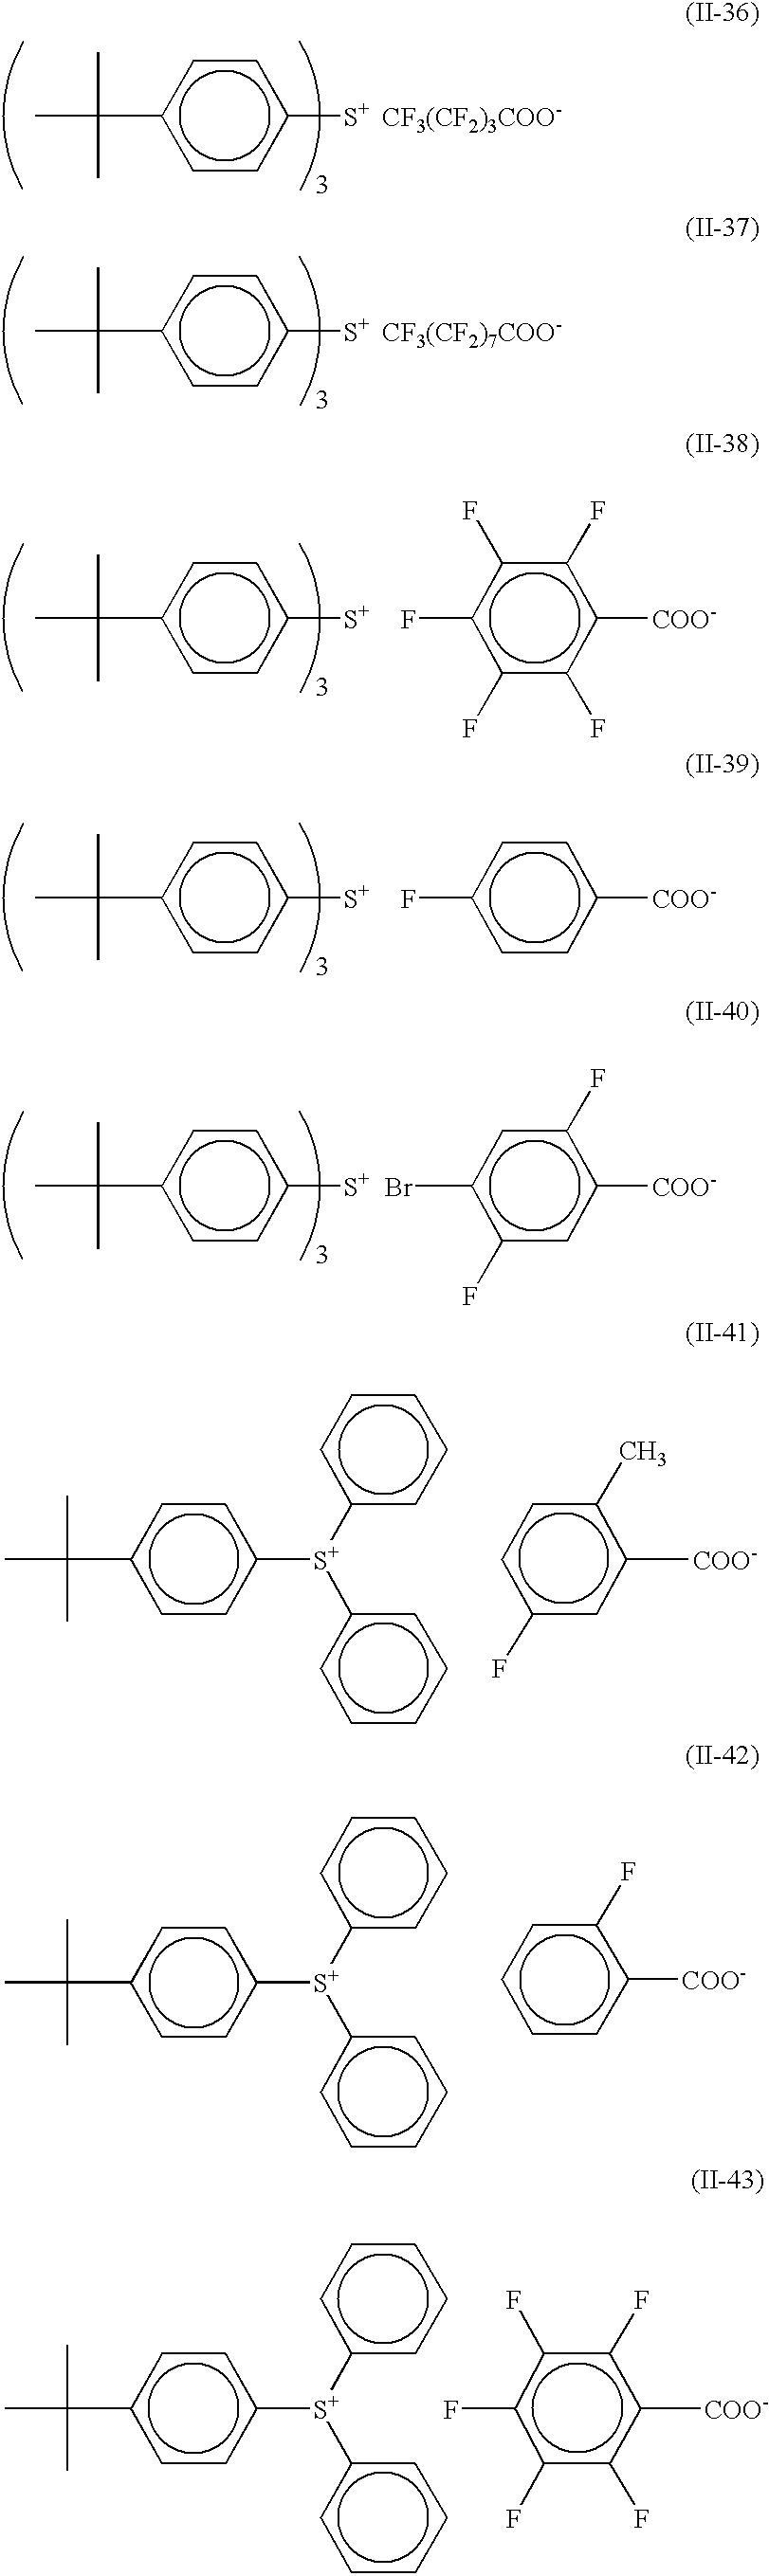 Figure US06485883-20021126-C00011